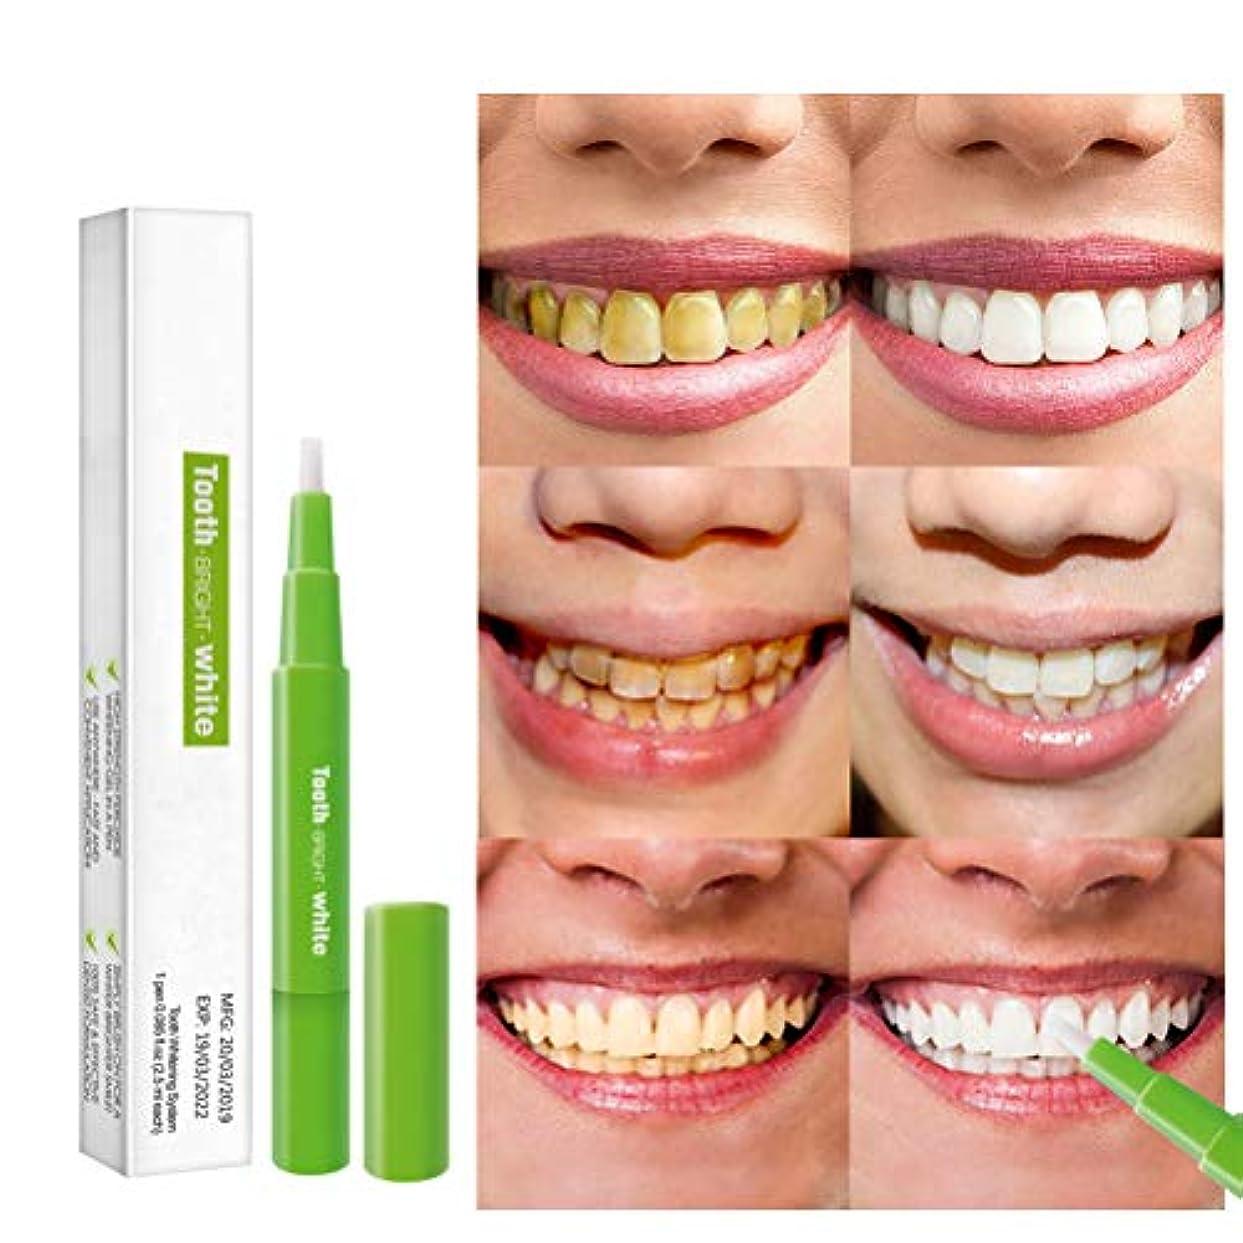 公平利用可能配送Creacom 歯 ホワイトニング ペン 美白歯ゲル 歯 ホワイトニングペン ホワイトニングペン 歯ブラシ 輝く笑顔 口臭防止 歯周病防止 口腔衛生 携帯便利 安全性 口腔洗浄ツール 輝かしい笑顔を見せる